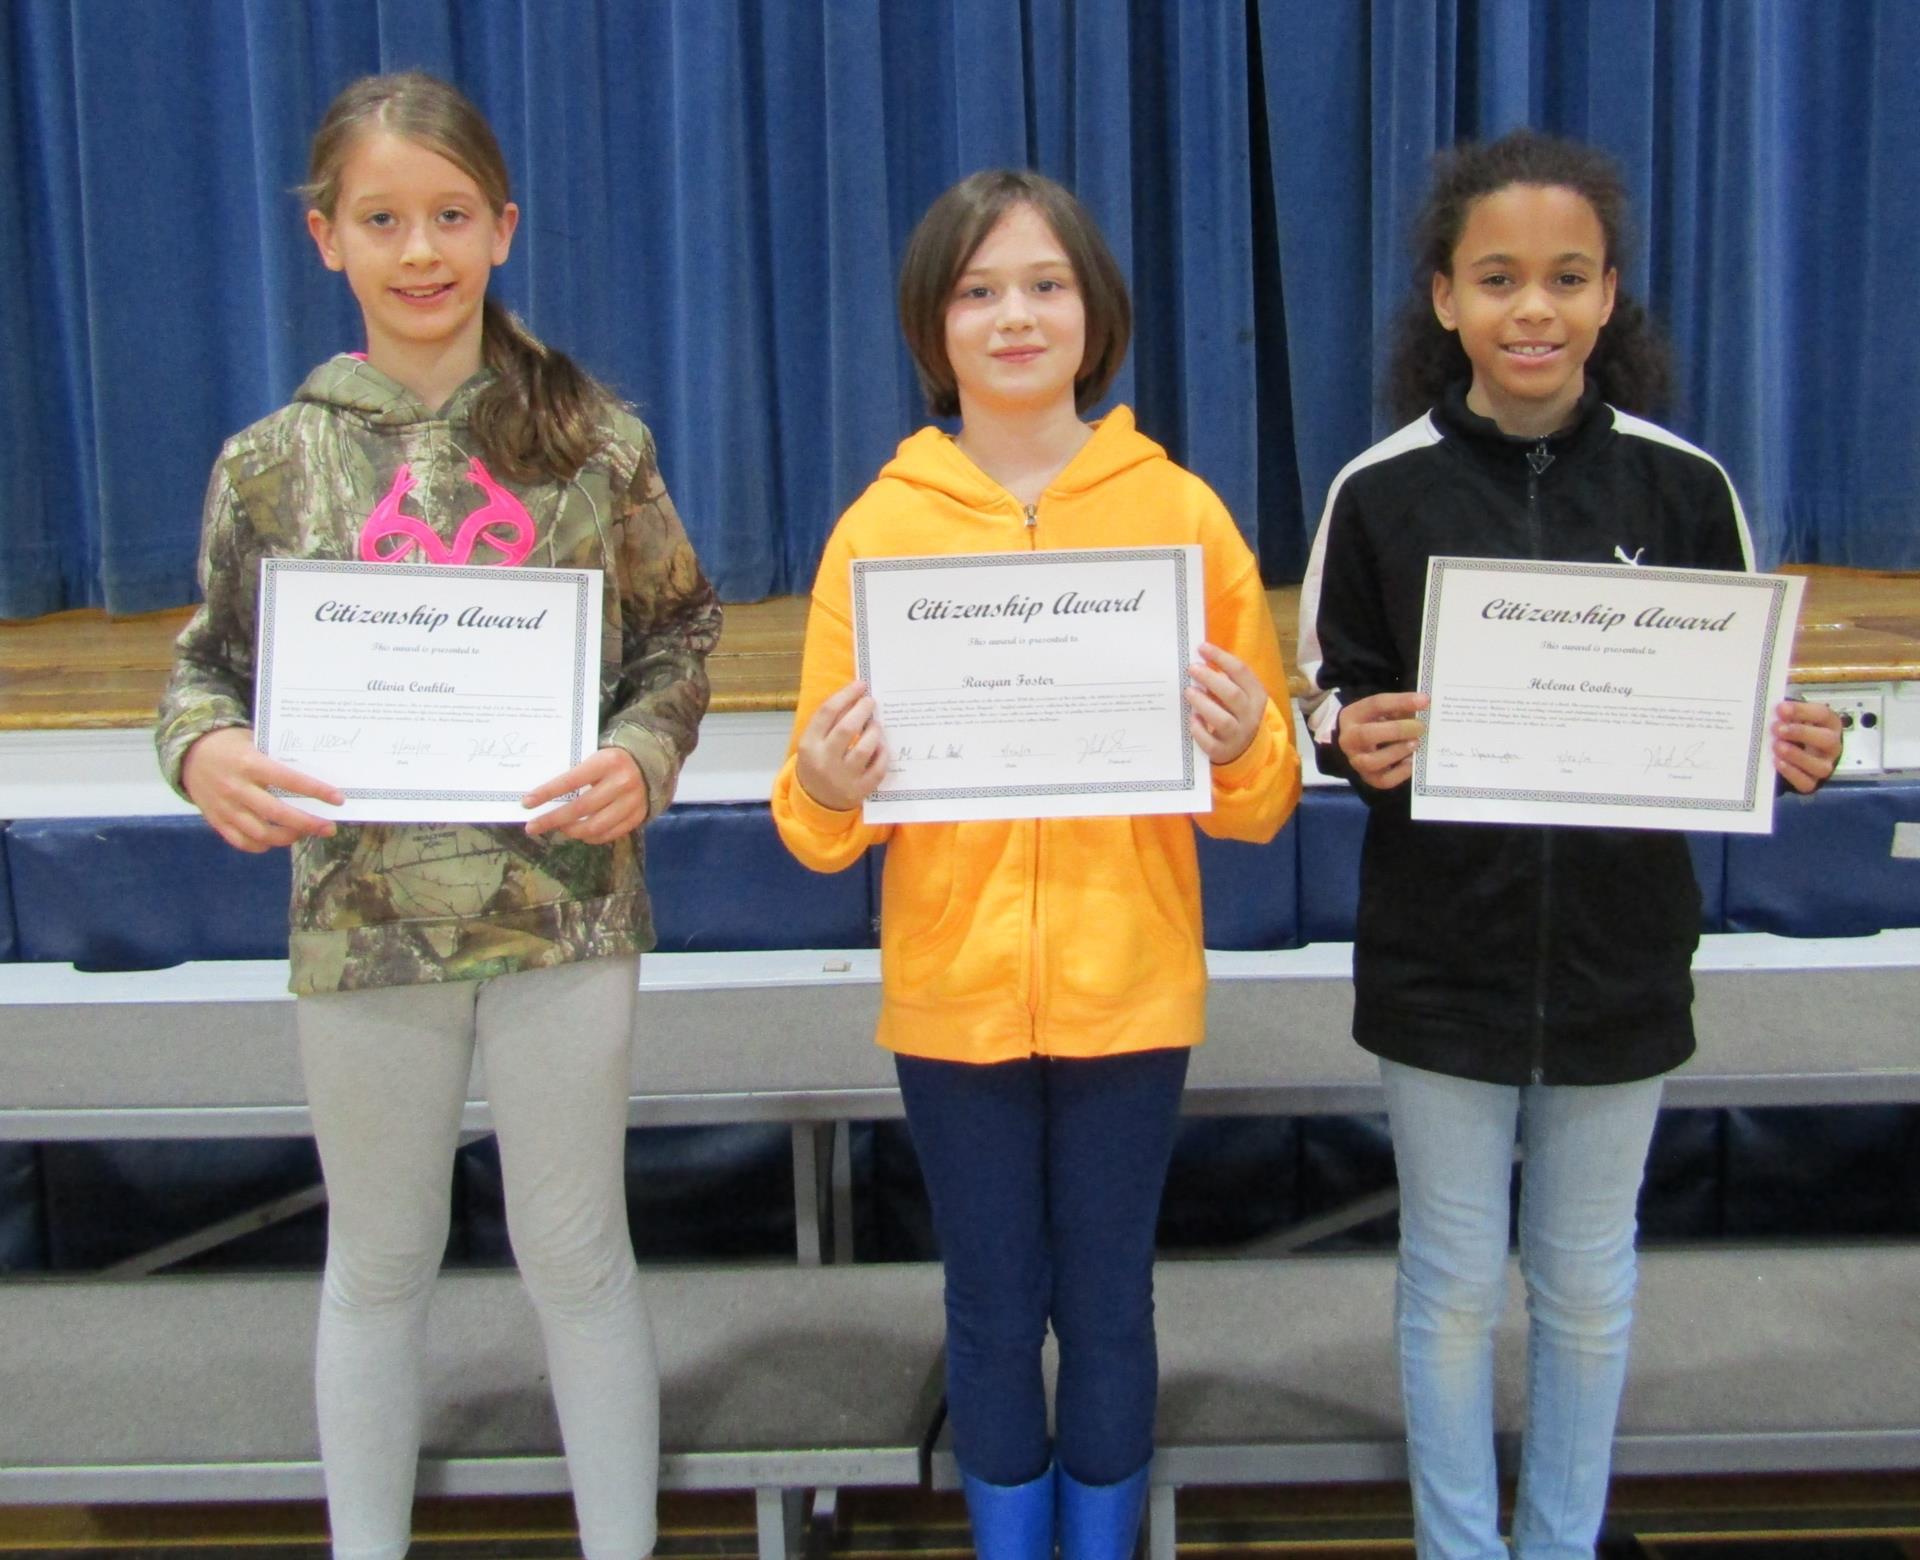 4th grade citizenship 3rd quarter 2019